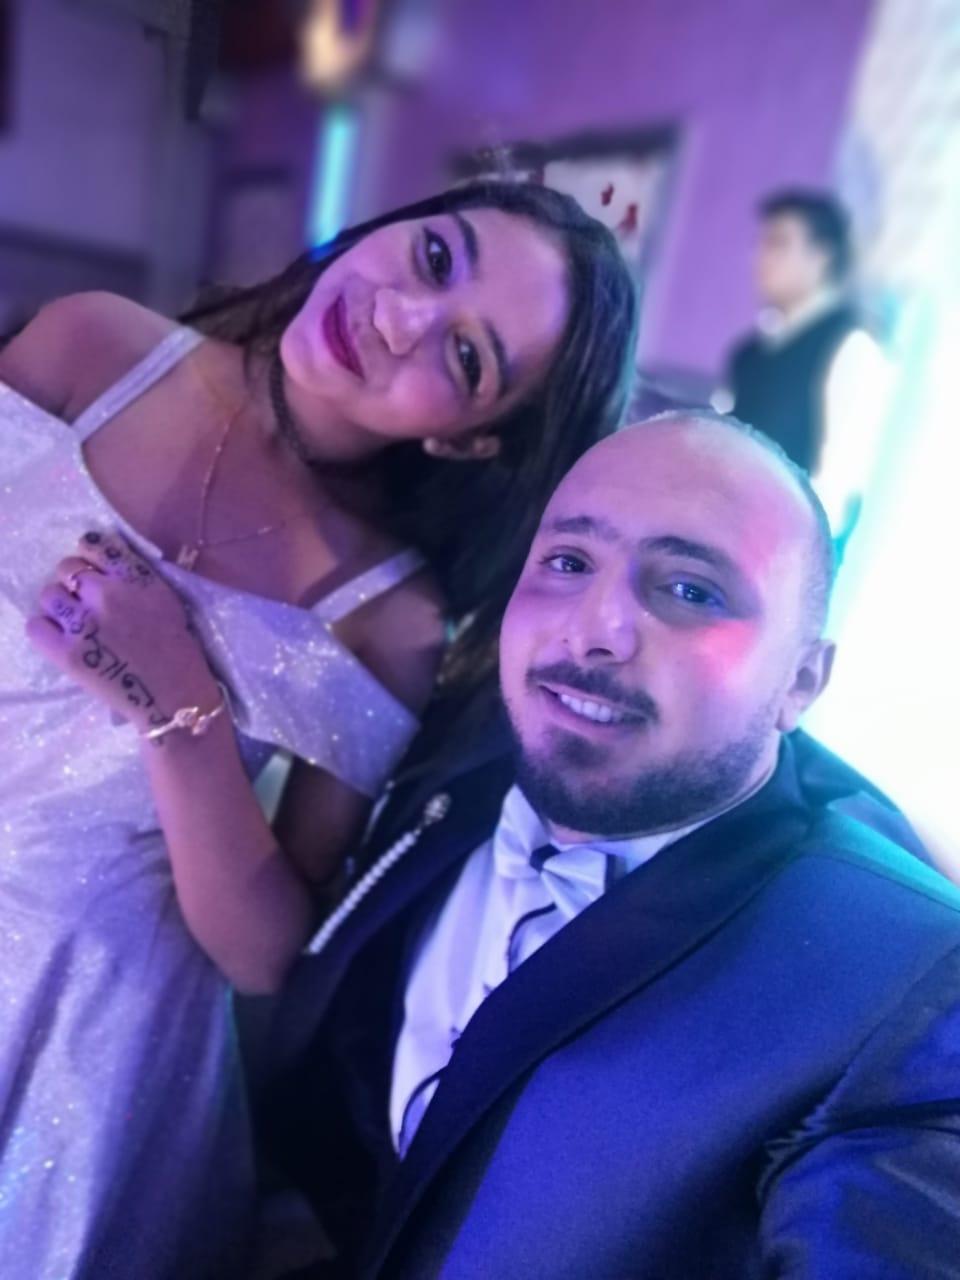 صور بوستات انا اخت العروسة 20212020 6 1